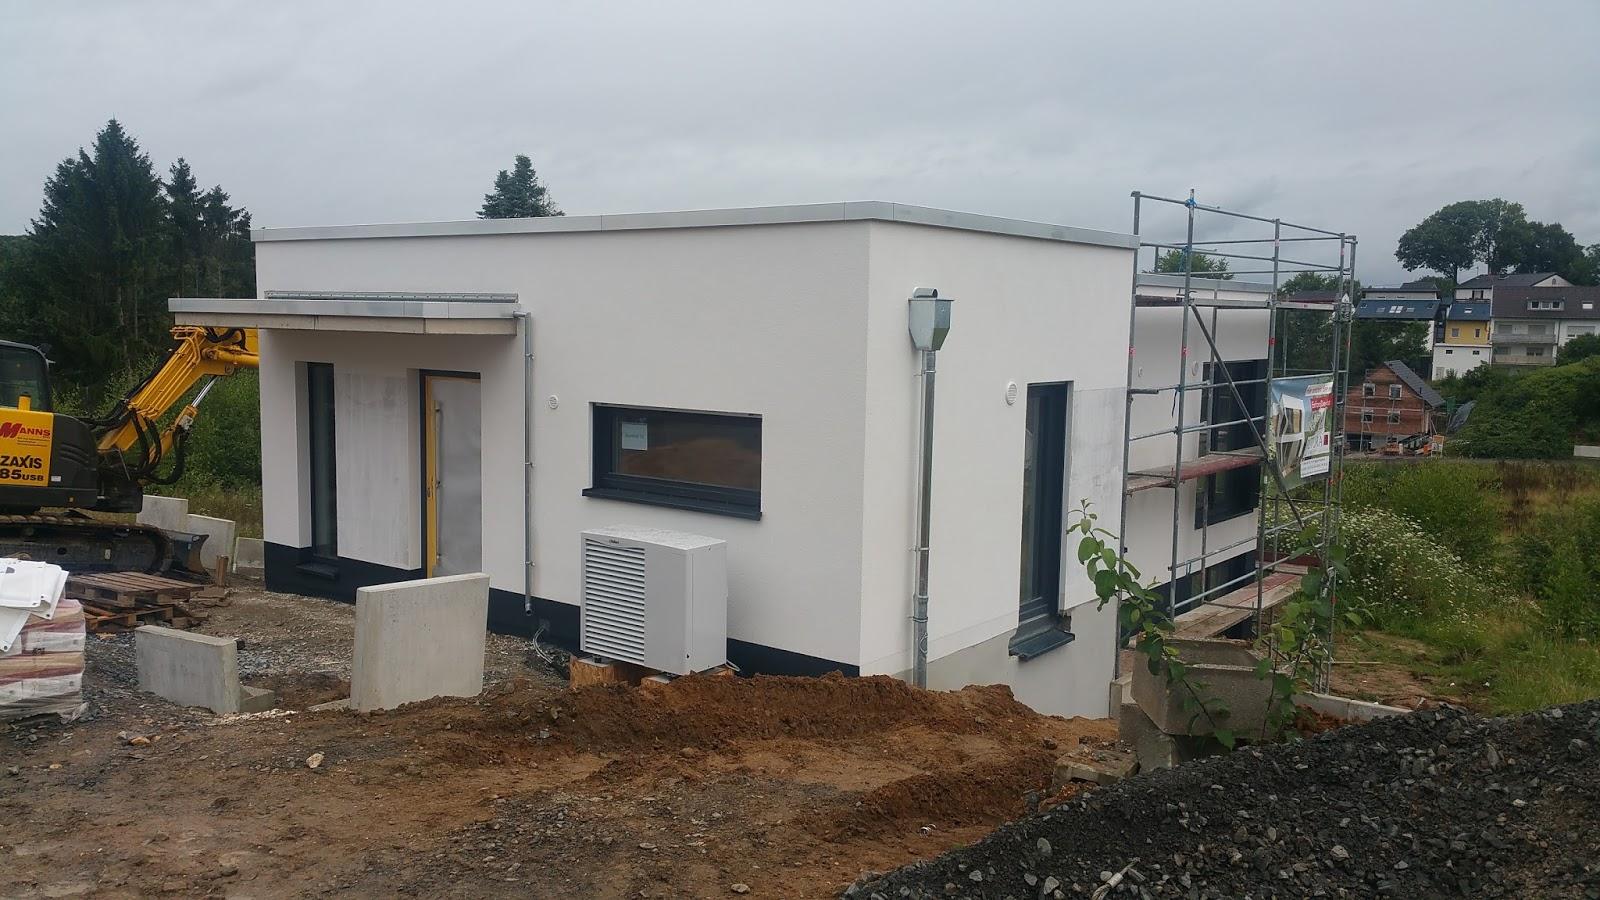 neues energiesparhaus von pictura creativhaus am limperichsberg das haus bekommt ein 39 gesicht 39. Black Bedroom Furniture Sets. Home Design Ideas